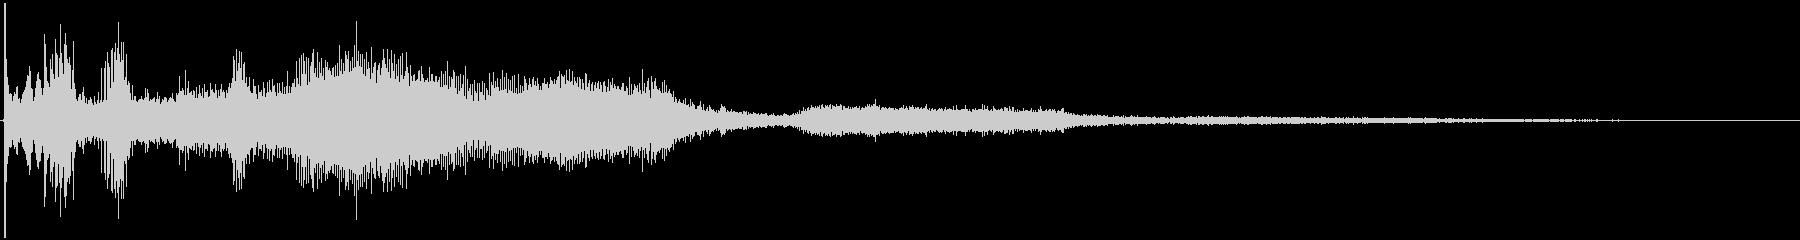 フィアット500バンビーナ:内線:...の未再生の波形